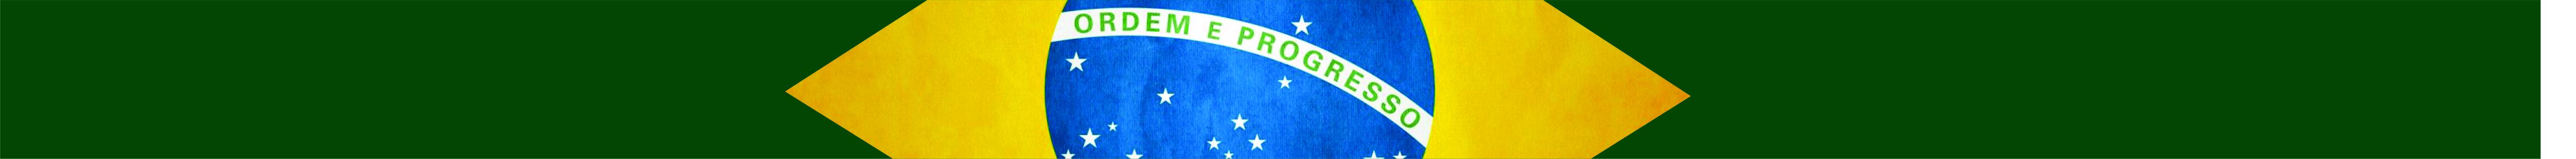 banner-brasil-independência